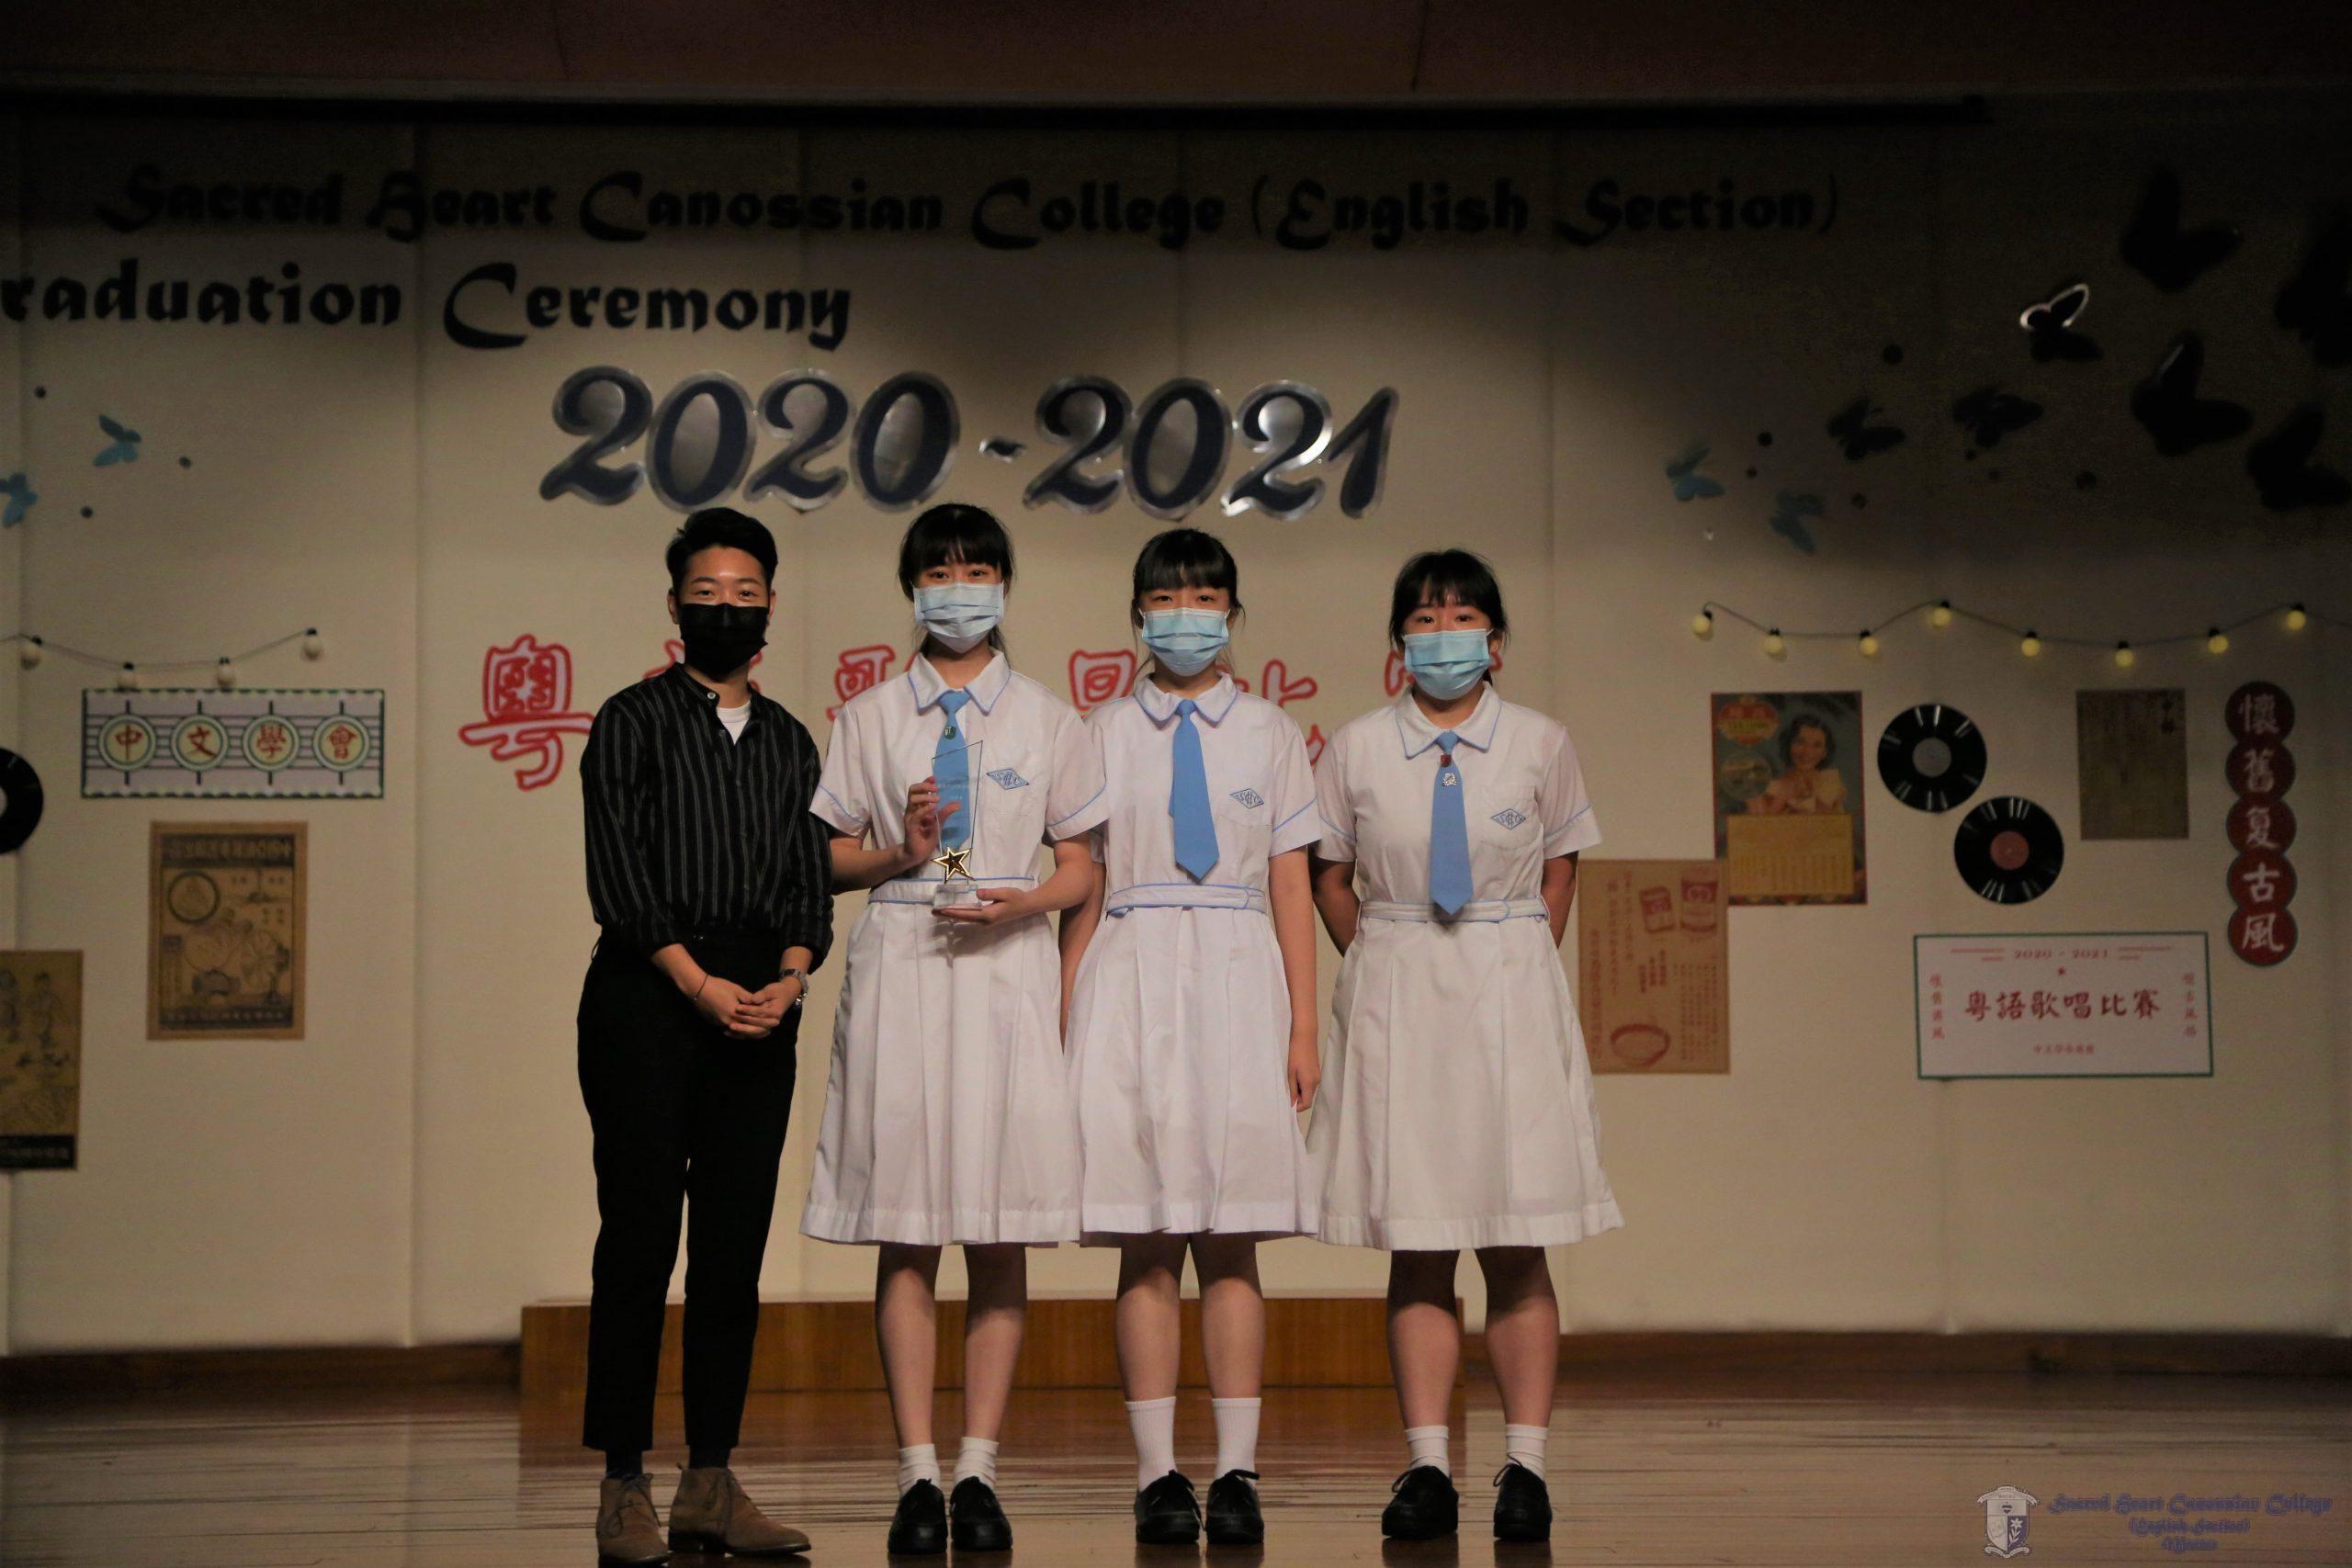 三位填詞比賽的得獎者與Ms Carmen Lei合照留念